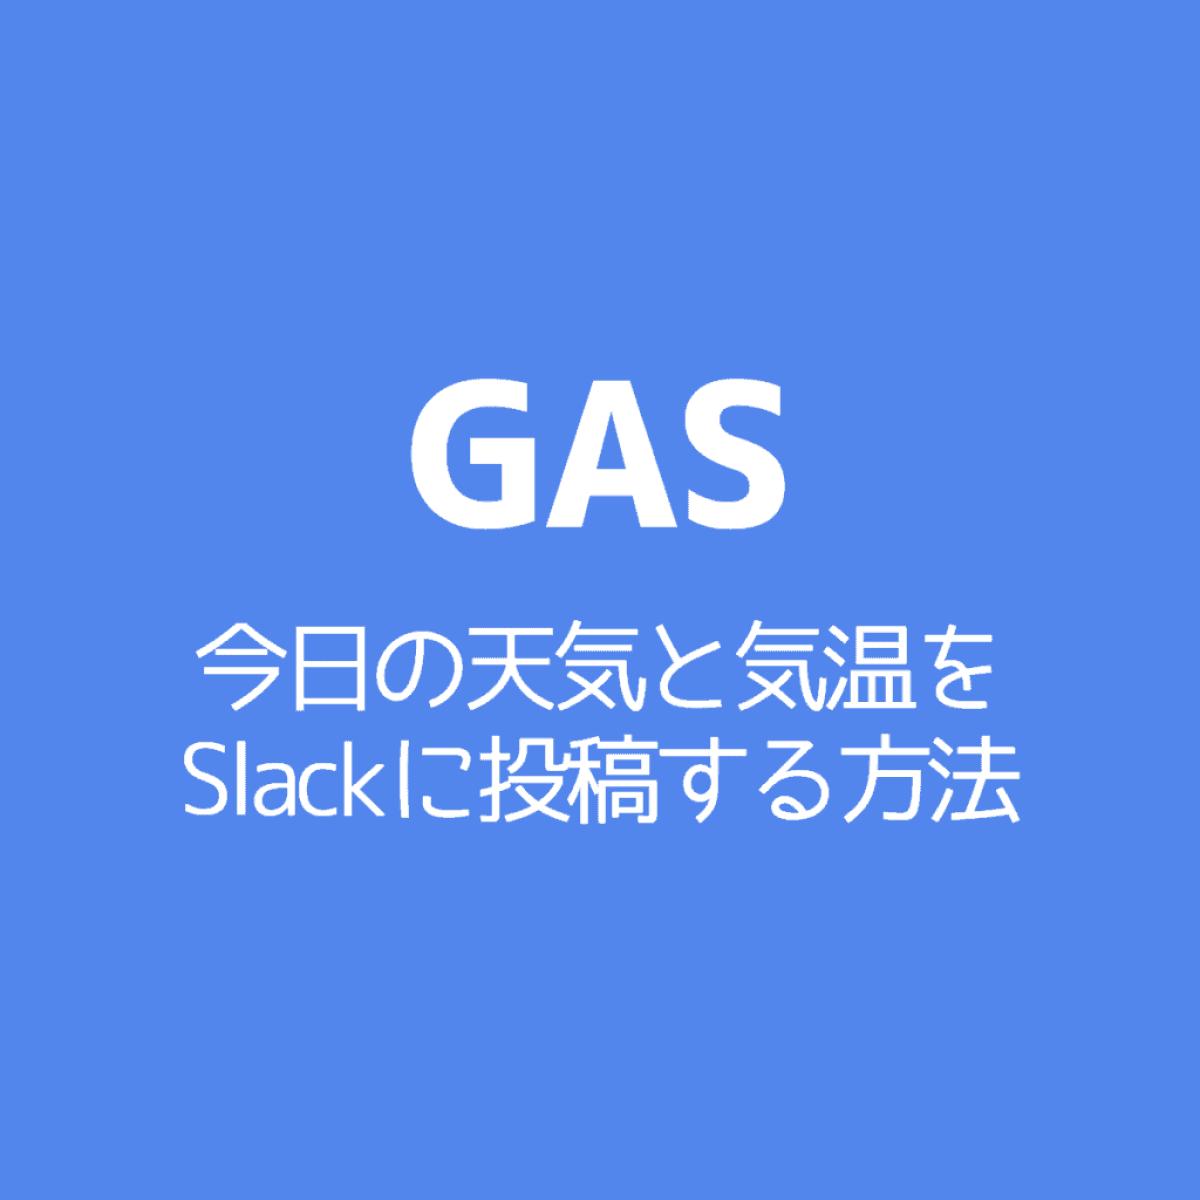 今日の天気と気温を Slackに投稿する方法